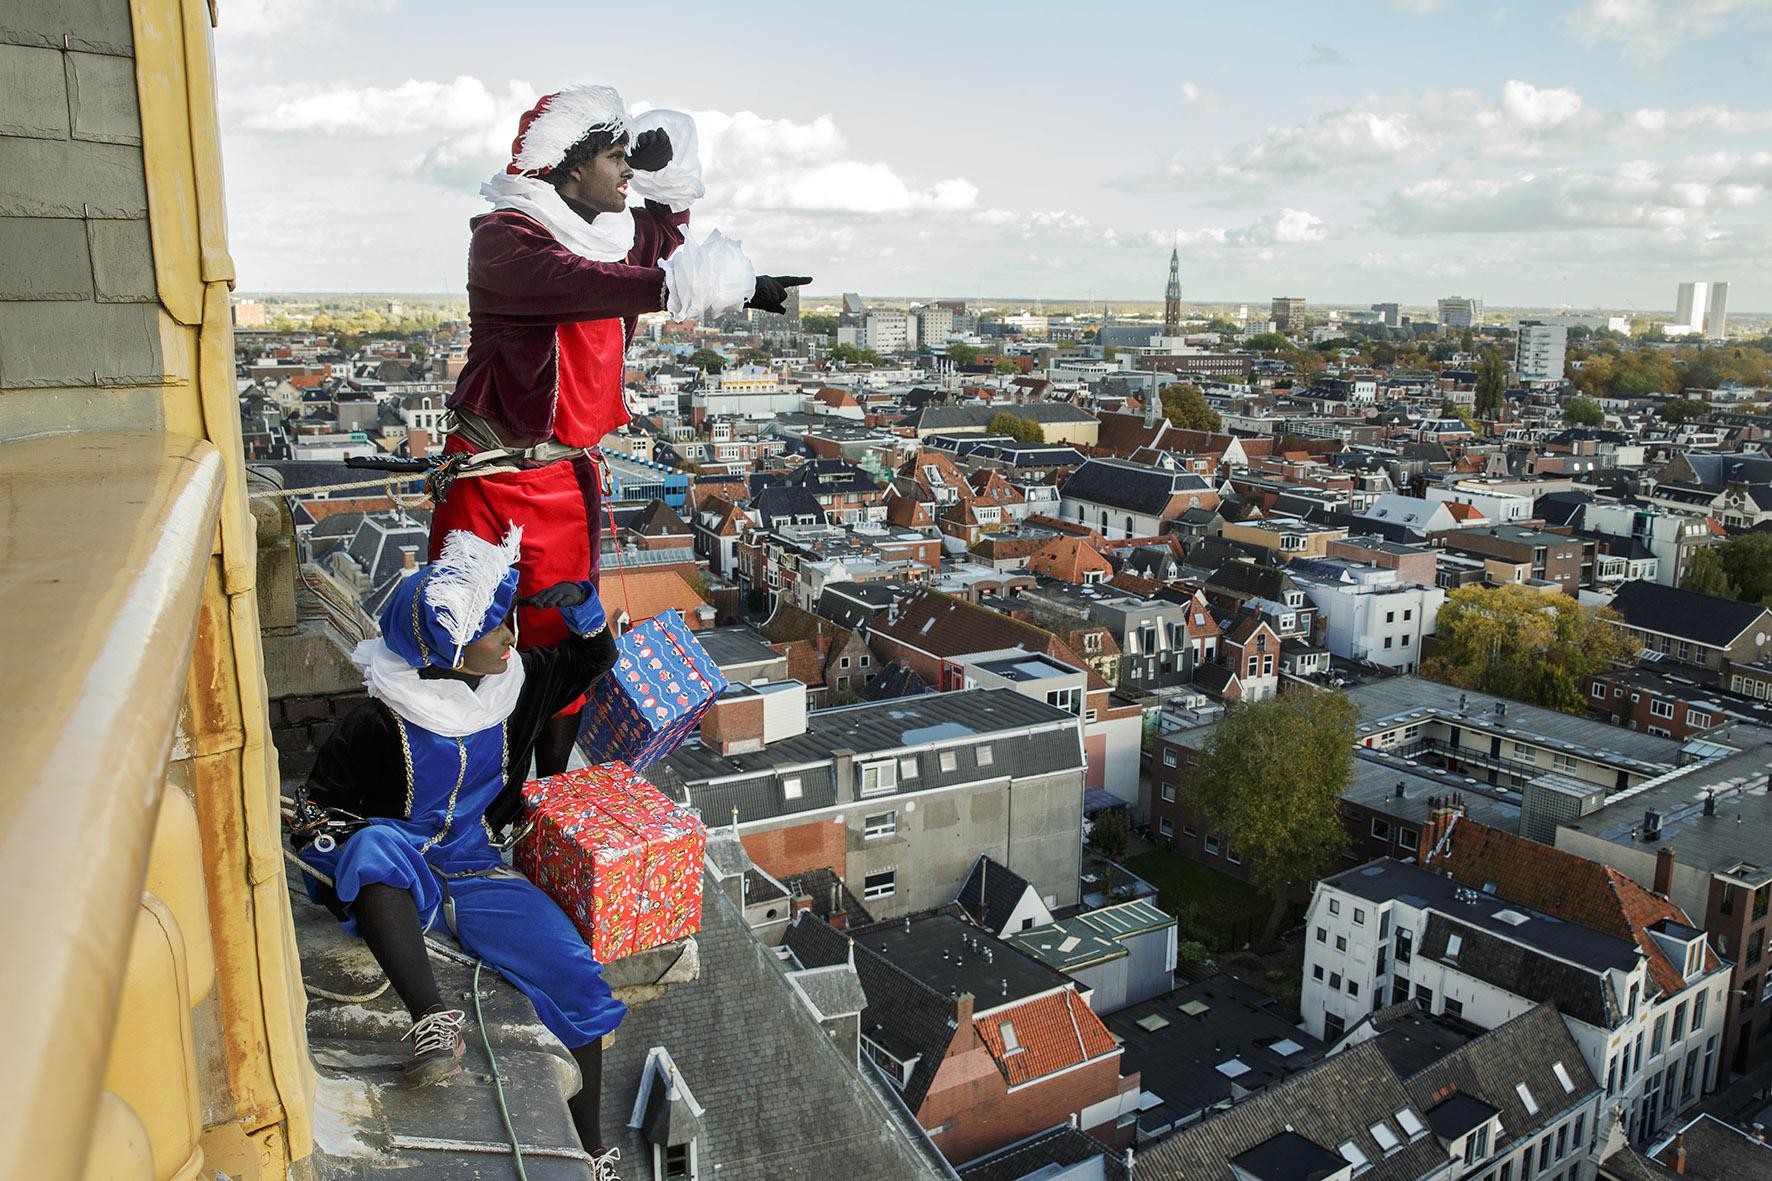 Slaapkamer Sinterklaas Groningen : Kijkje nemen in de slaapkamer van Sinterklaas – Professorenbuurt-Oost